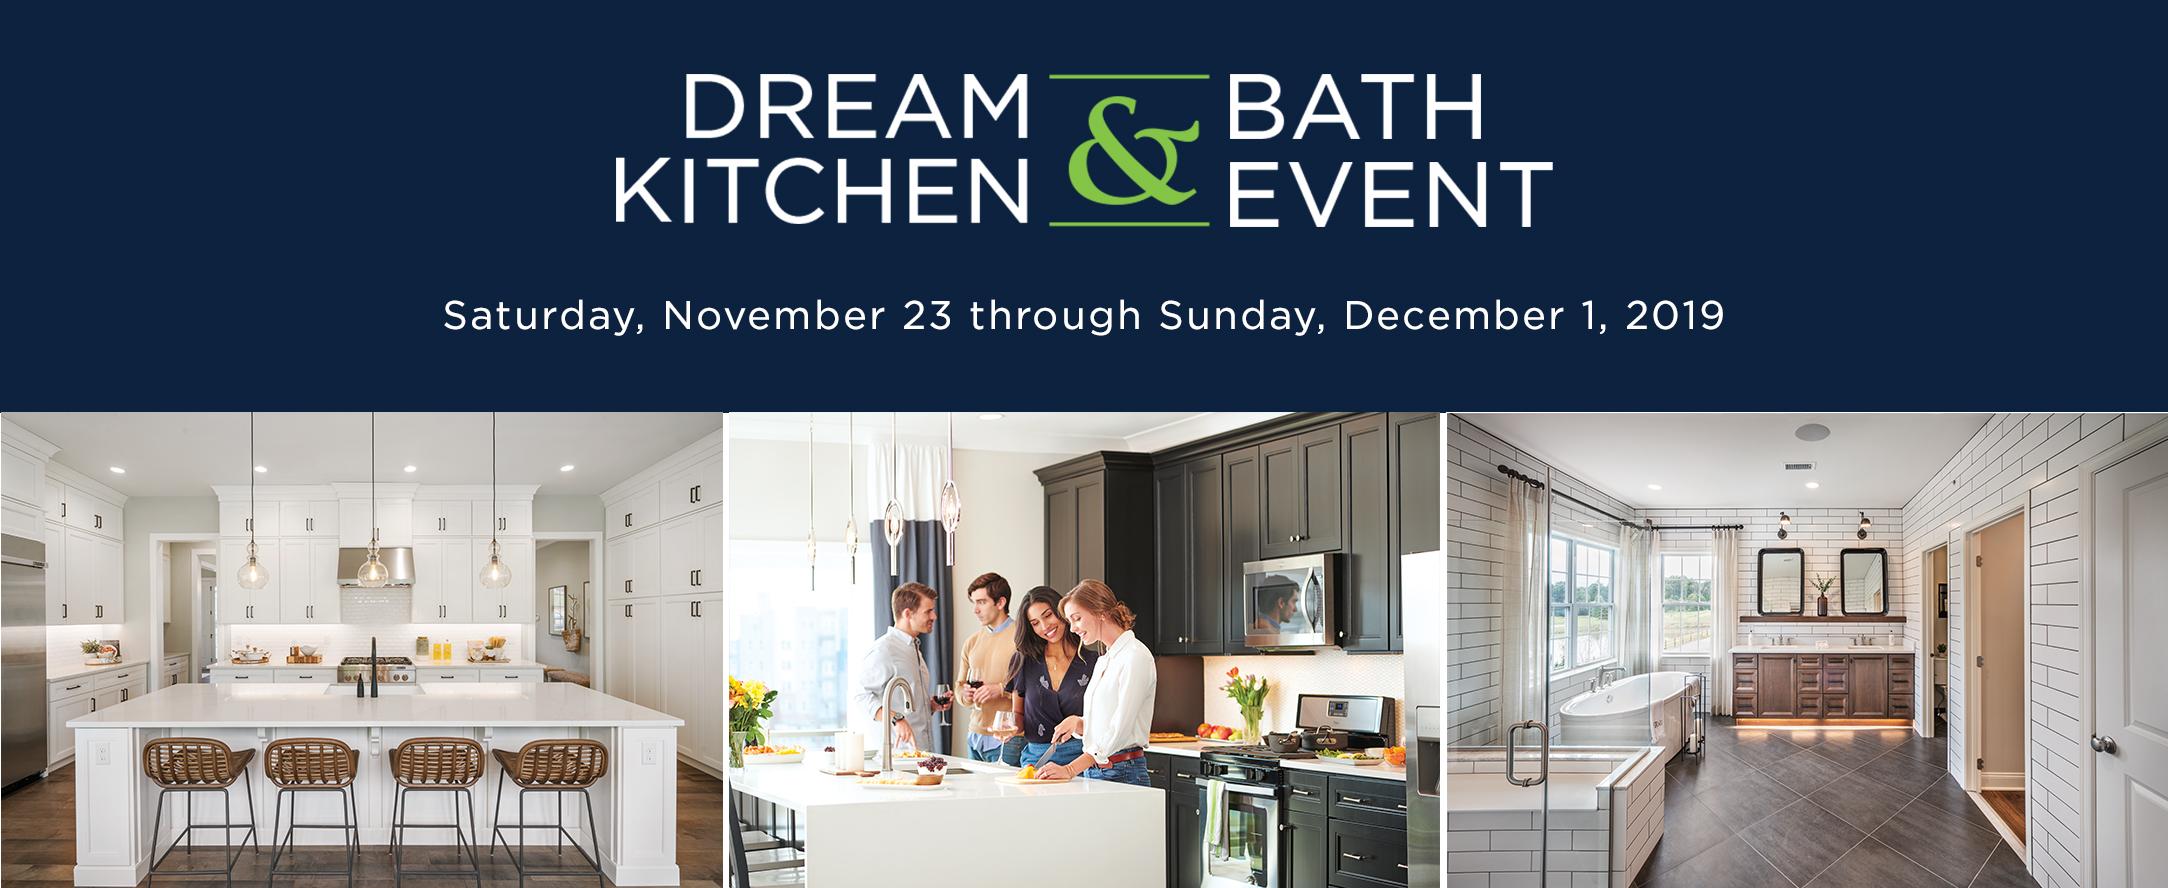 148591 Pennsylvania Dream Kitchen and Bath Event